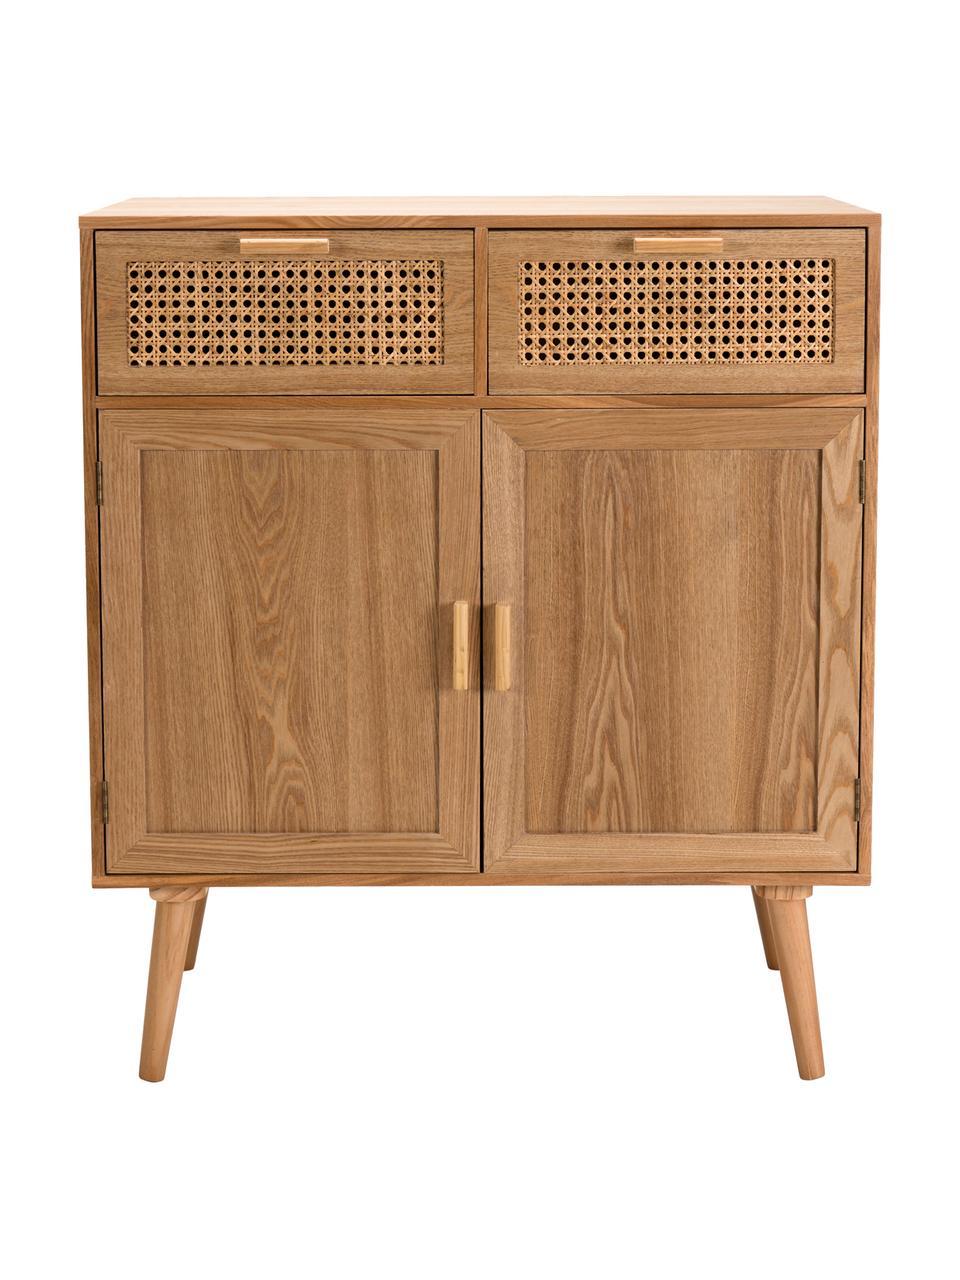 Komoda z drewna z plecionką wiedeńską Romeo, Korpus: płyta pilśniowa średniej , Drewno jesionowe, S 75 x W 86 cm